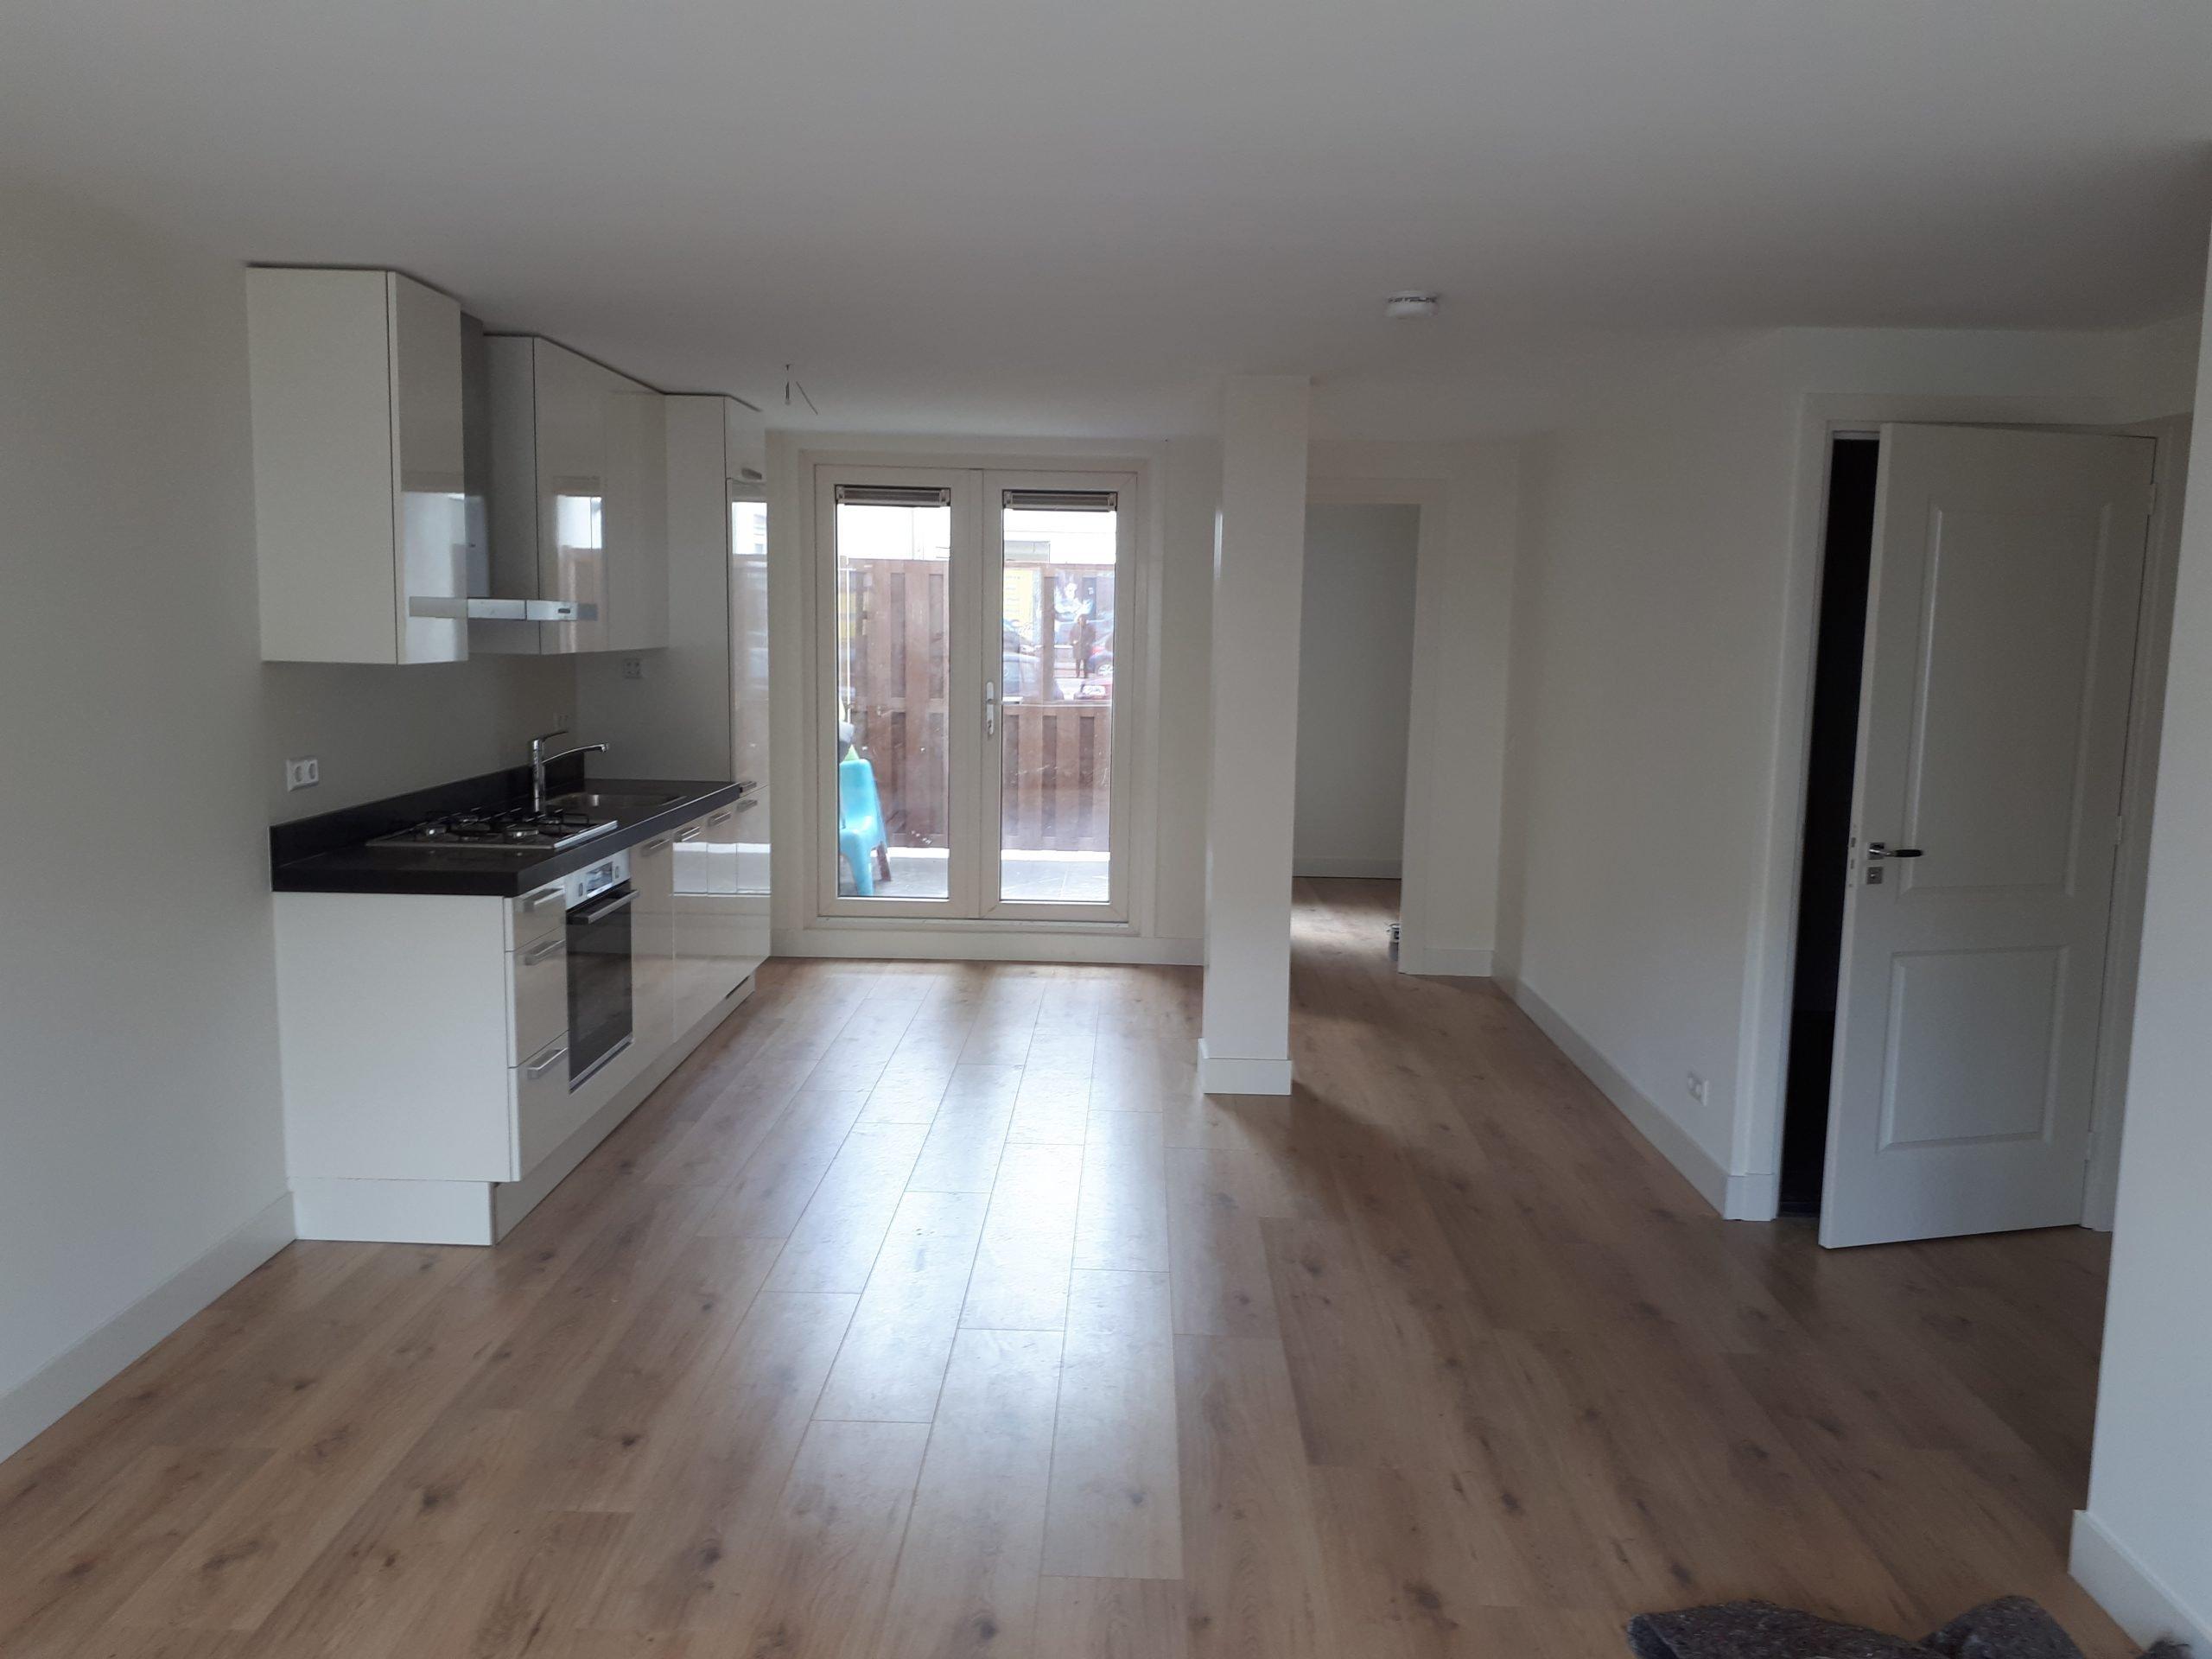 Verbouwing appartementen Utrecht